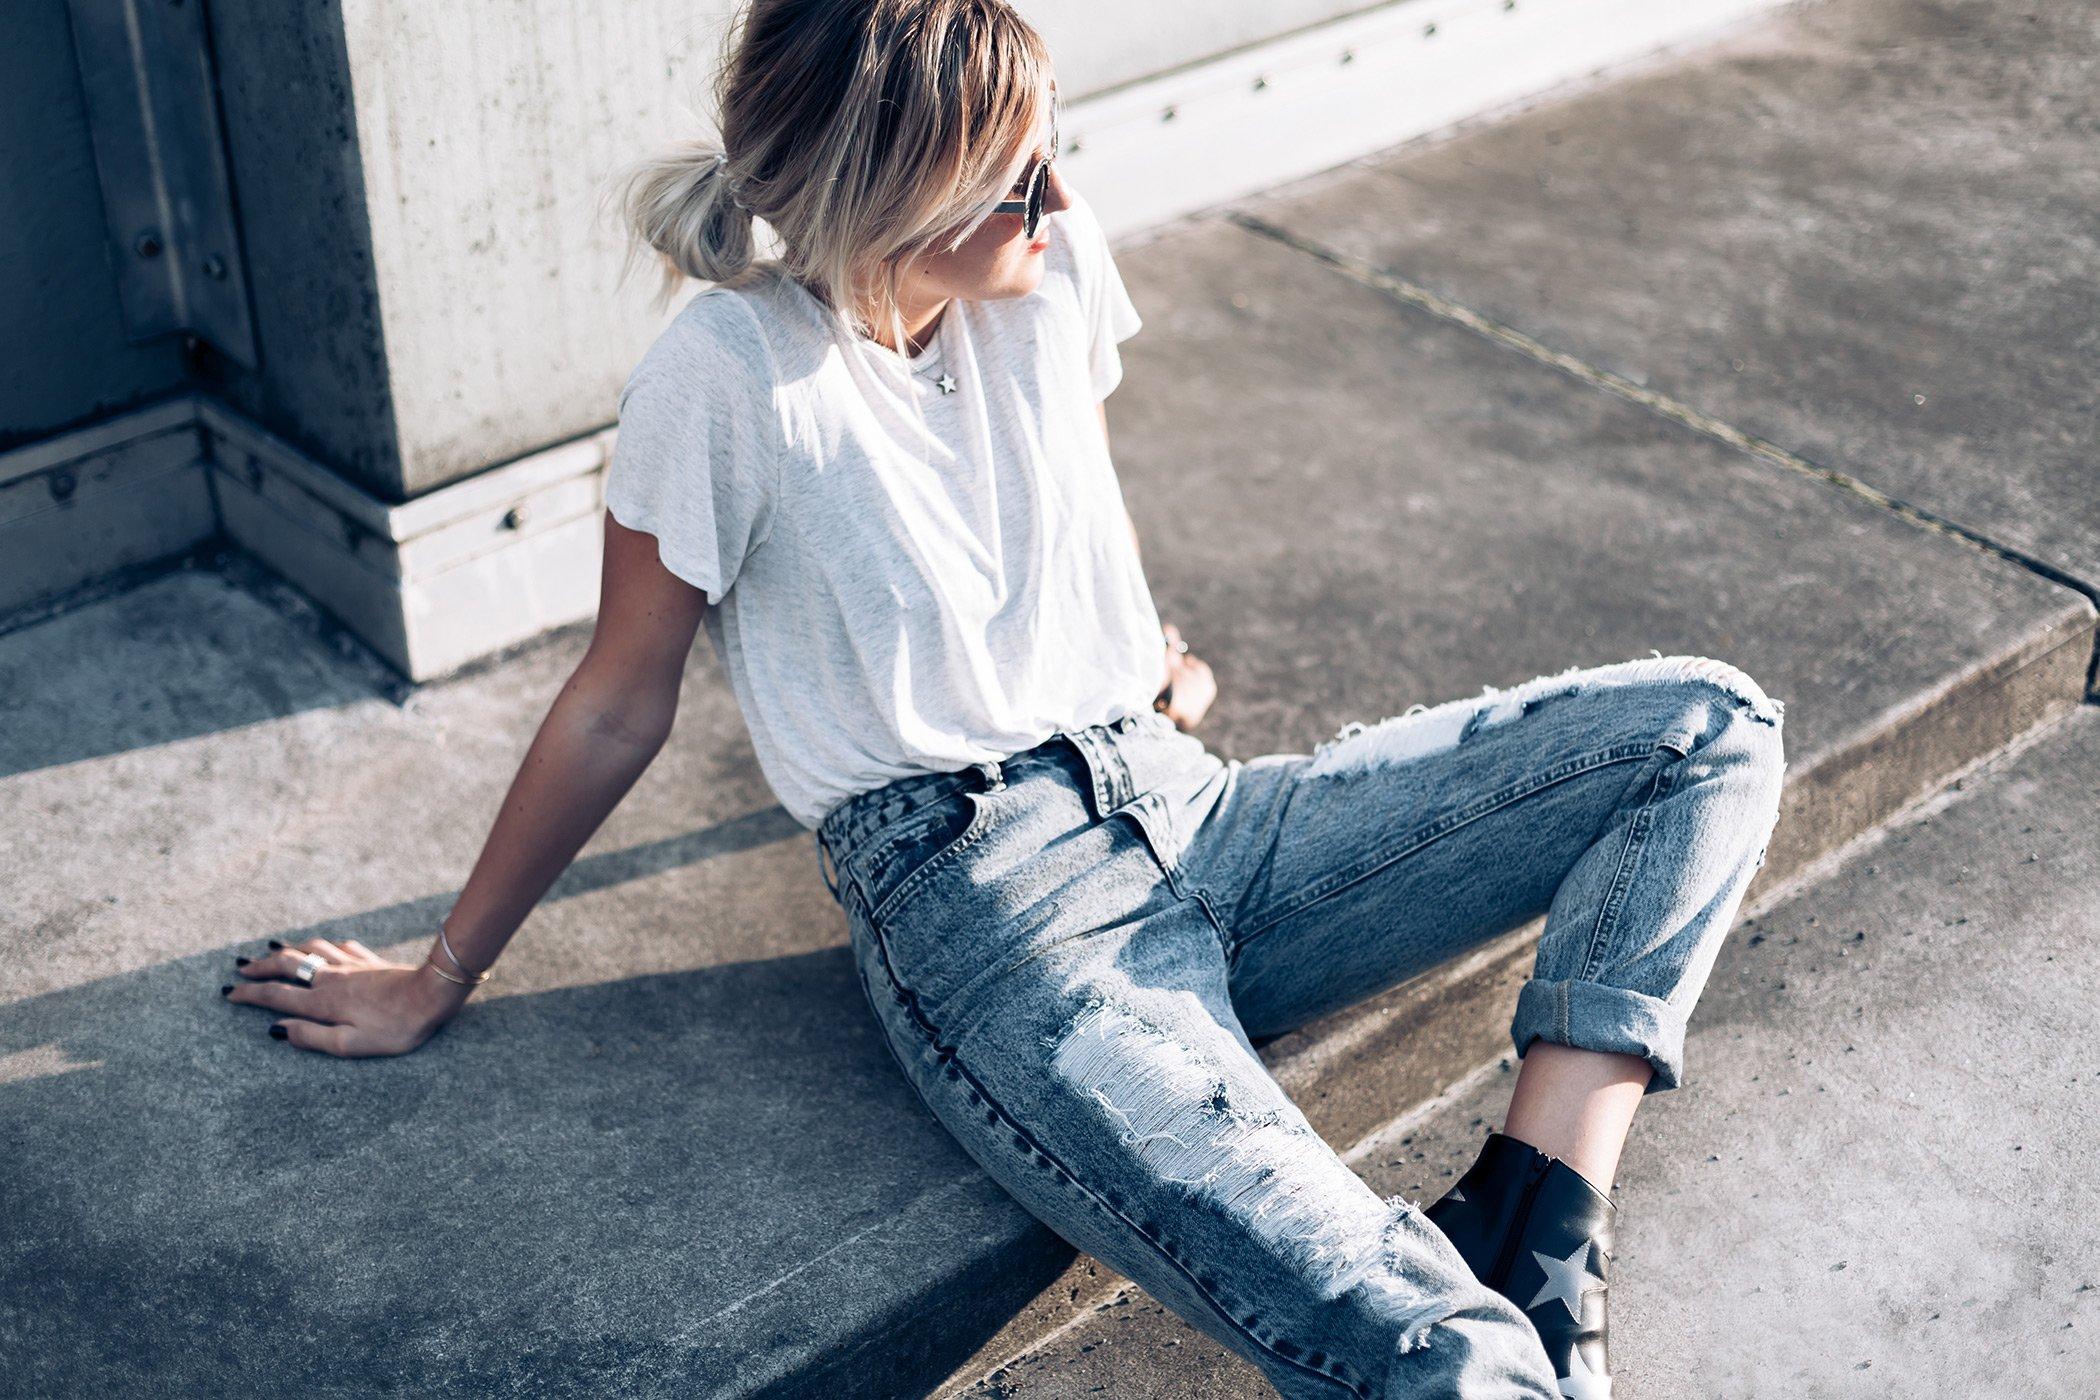 mikuta-loves-her-jeans-21